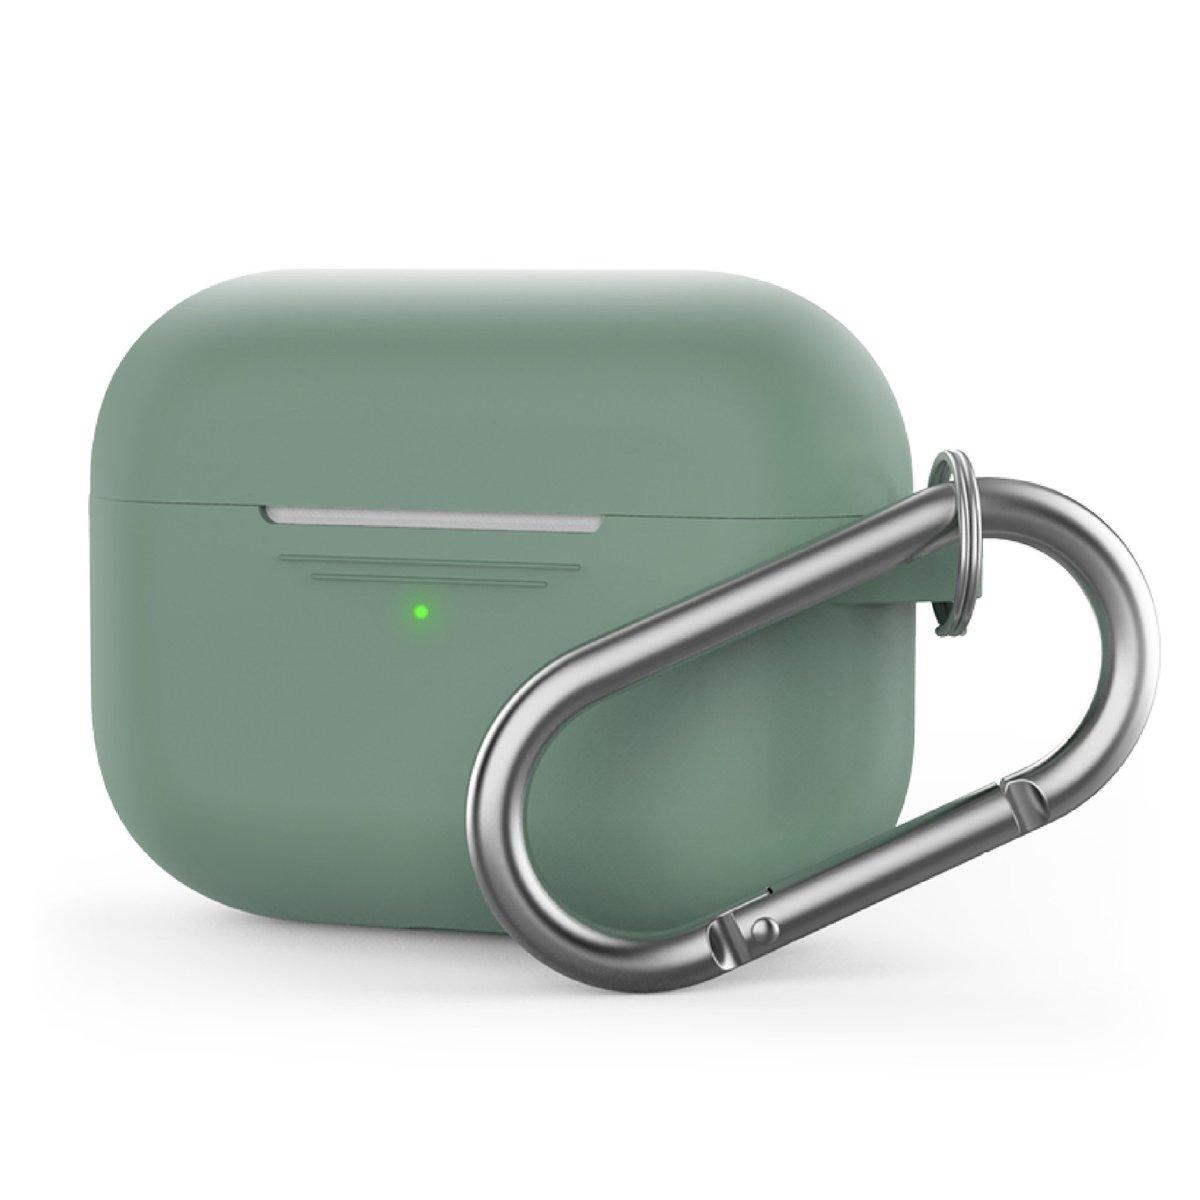 香港行貨 AirPods Pro 1.4mm 超薄矽膠連 掛鉤款保護套 松綠色